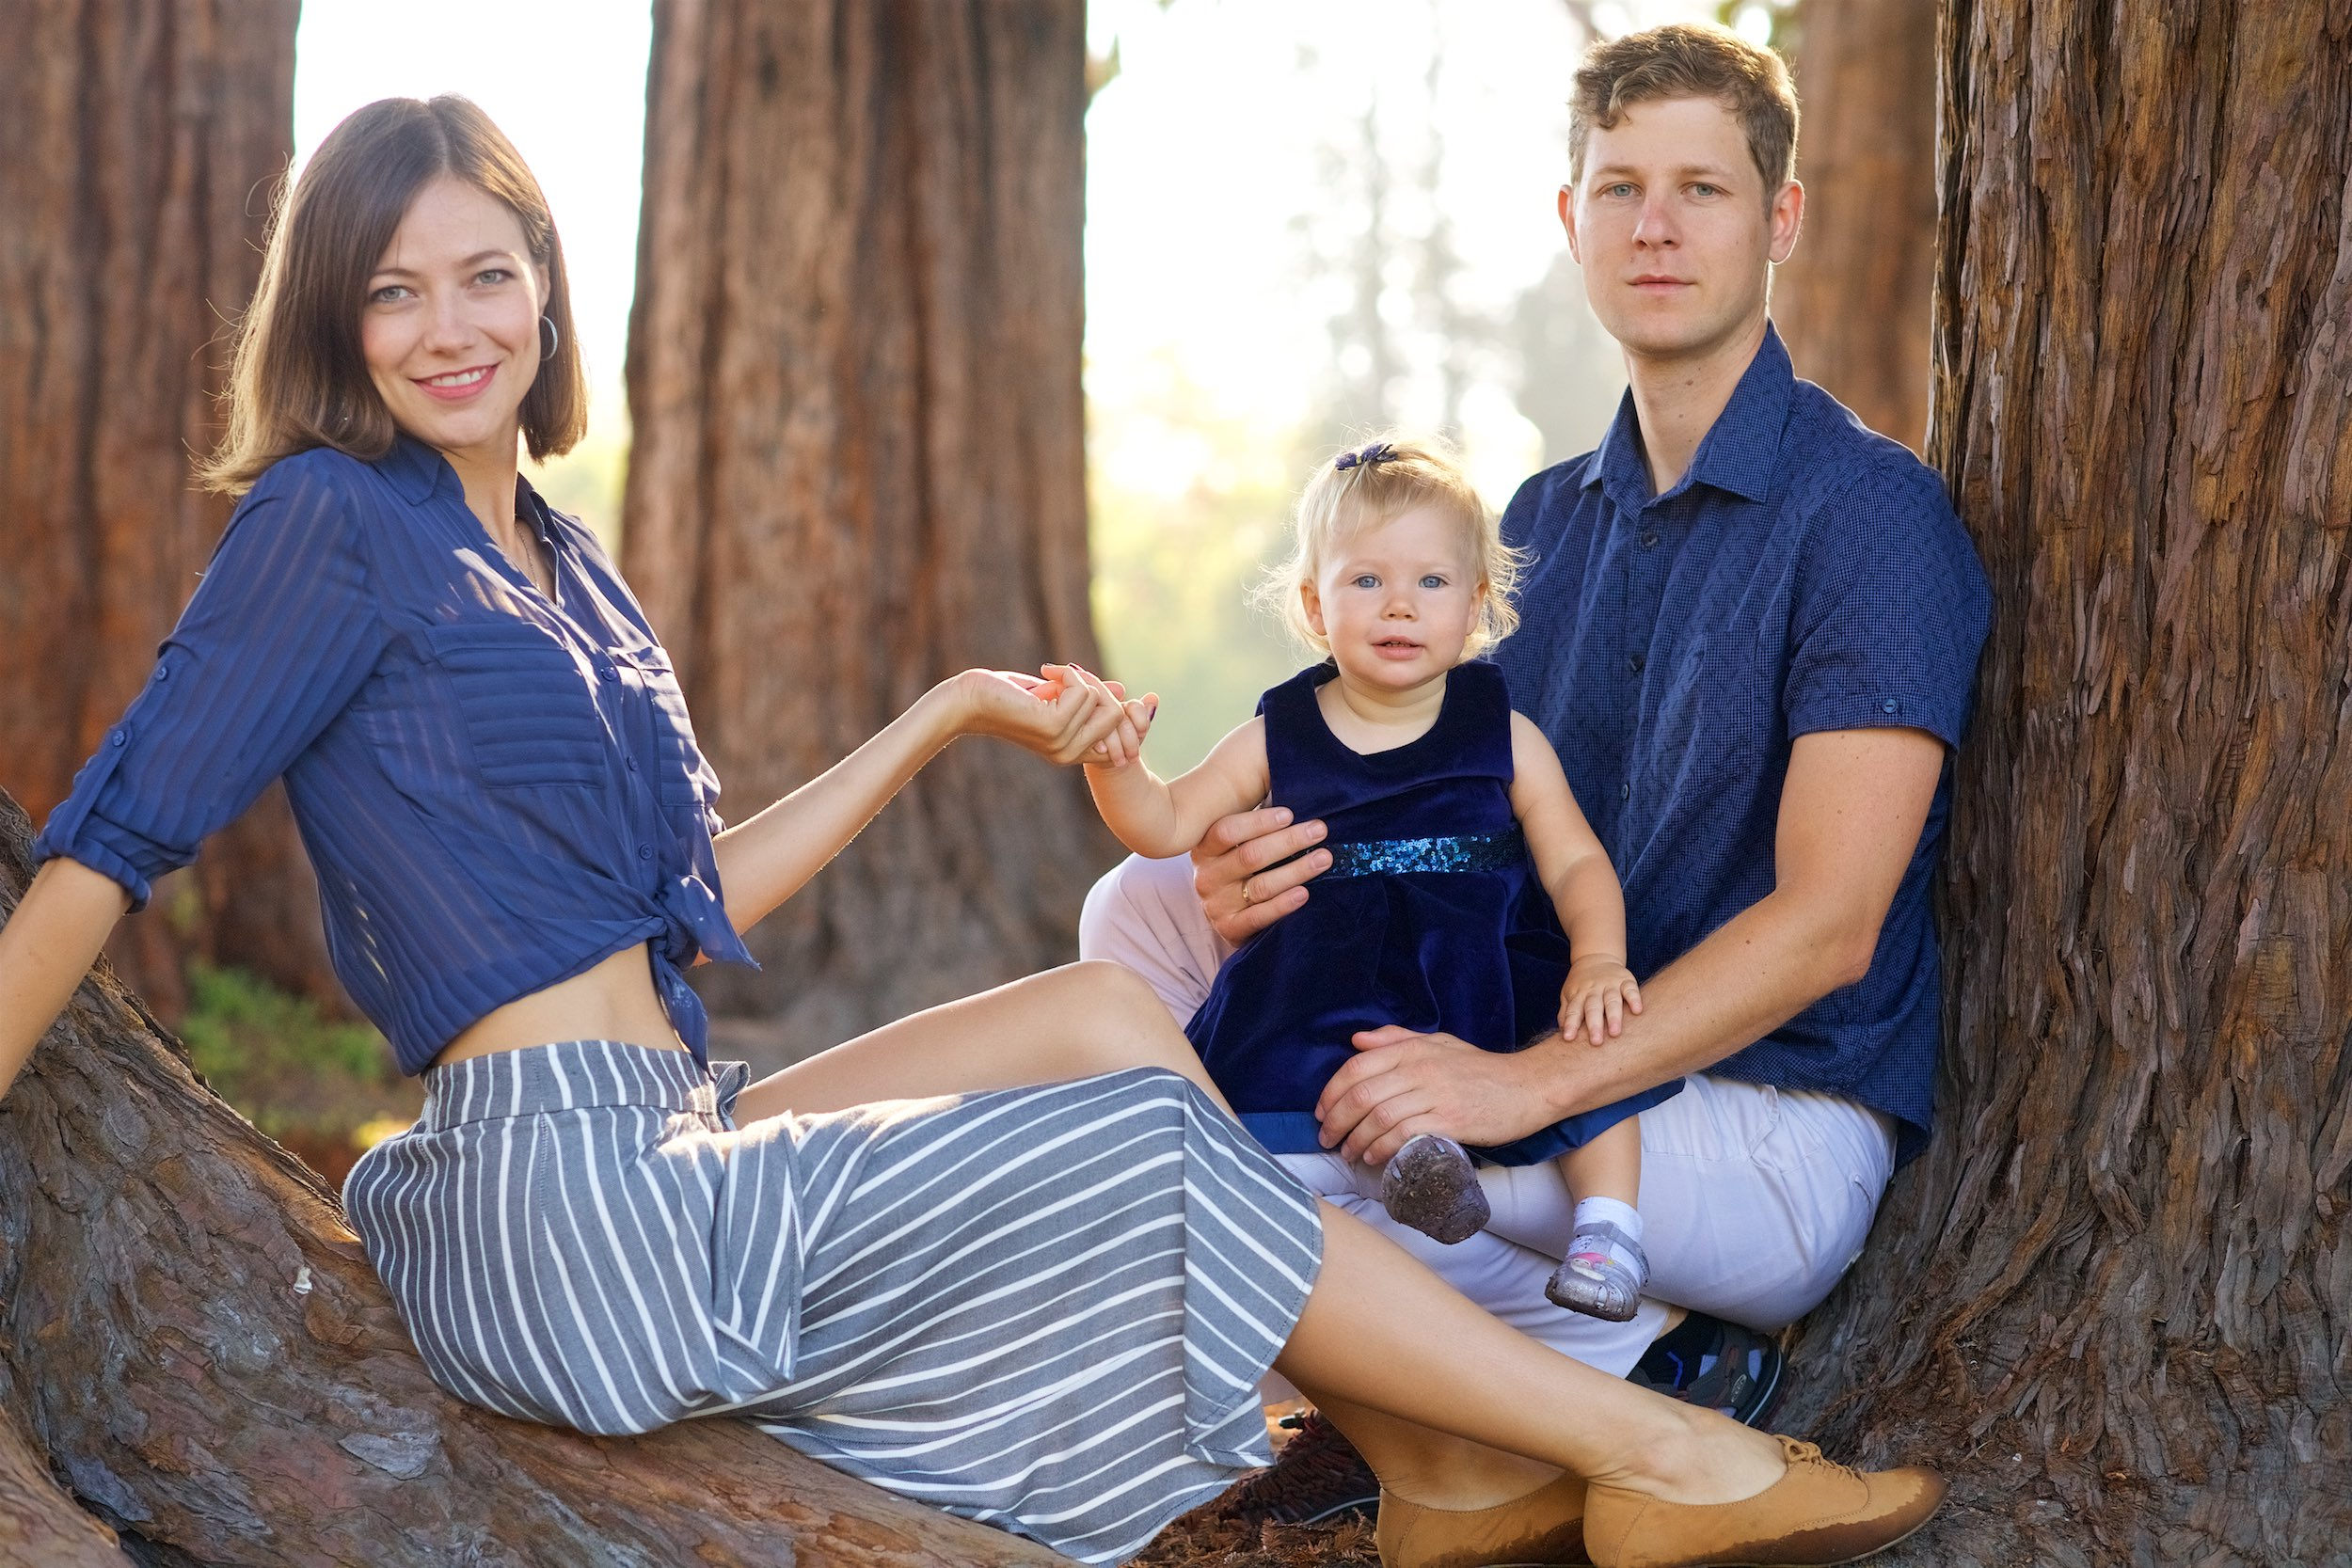 family-sample-rg-014.jpg